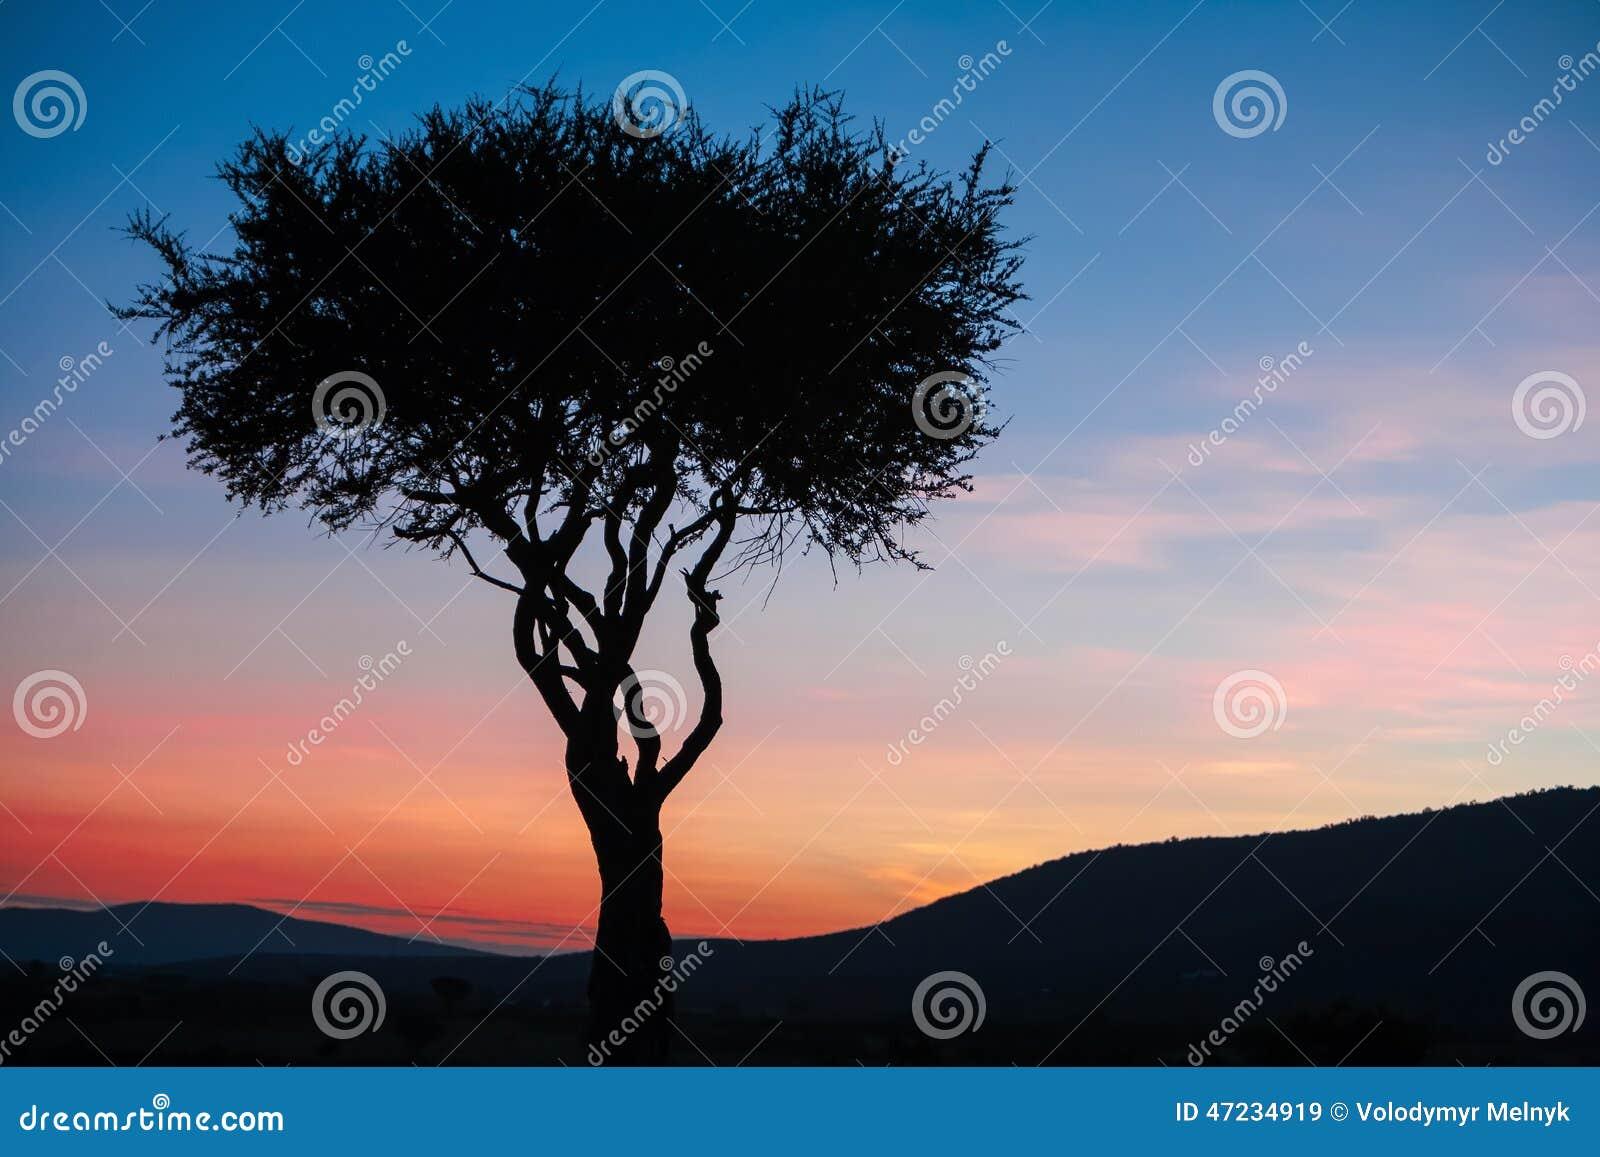 afrikanischer baum im letzten tageslicht sonnenuntergang kenia stockfoto bild 47234919. Black Bedroom Furniture Sets. Home Design Ideas